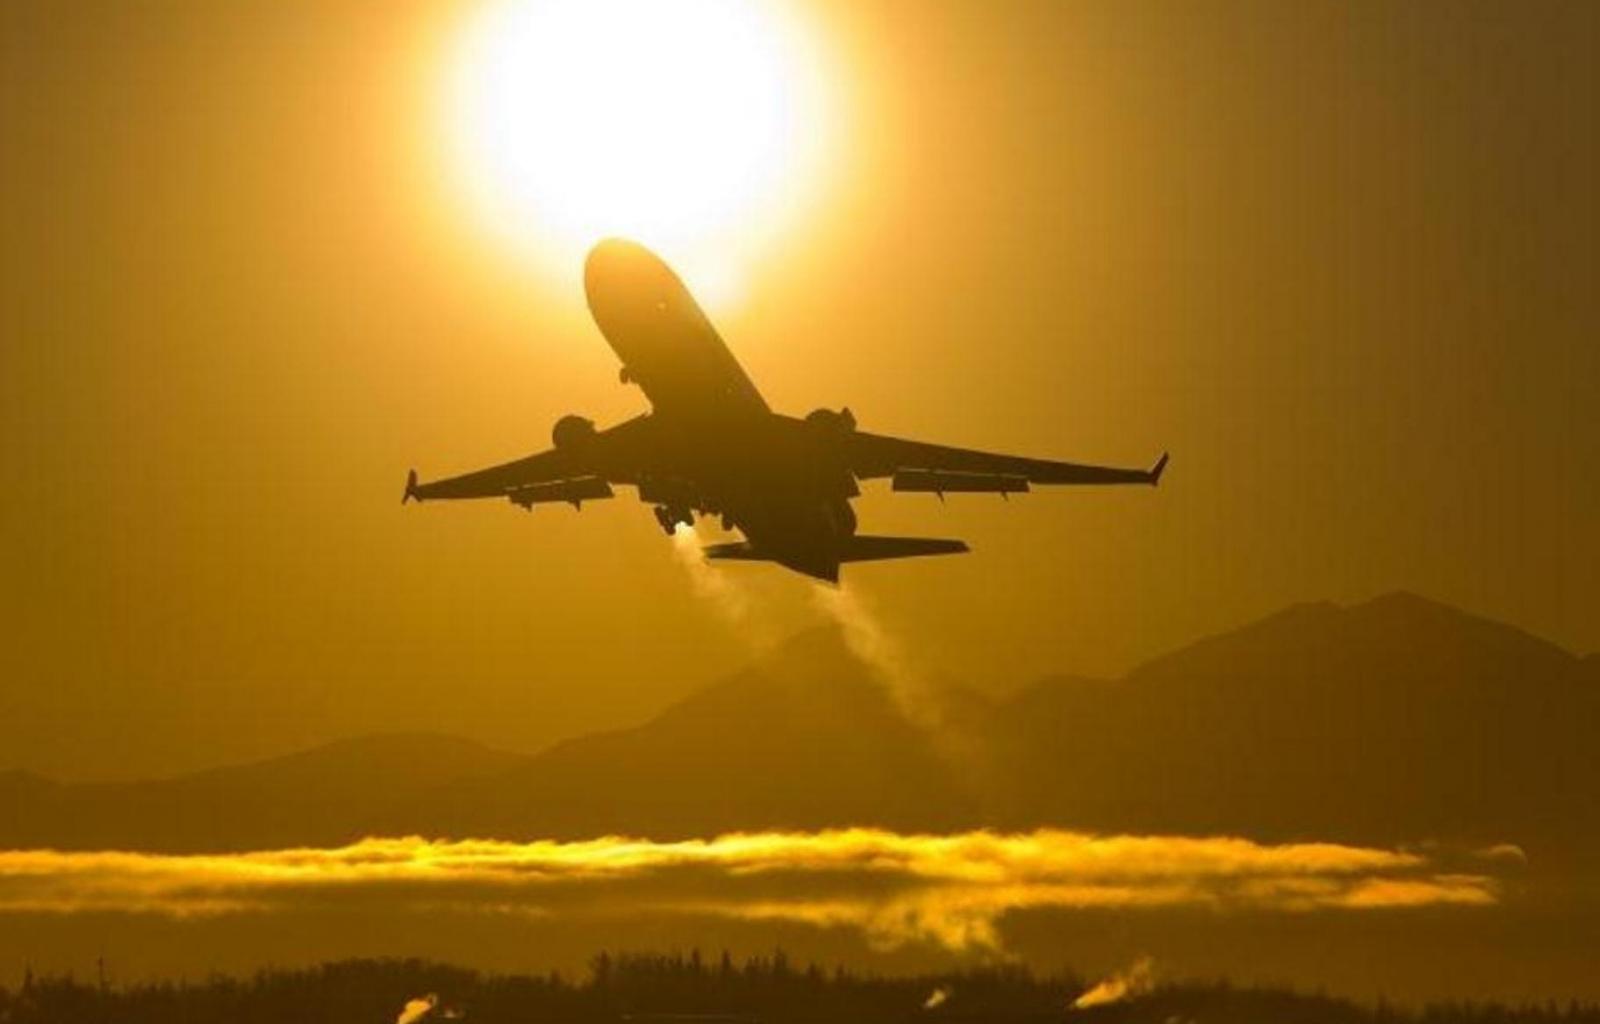 39747 скачать обои Транспорт, Самолеты - заставки и картинки бесплатно